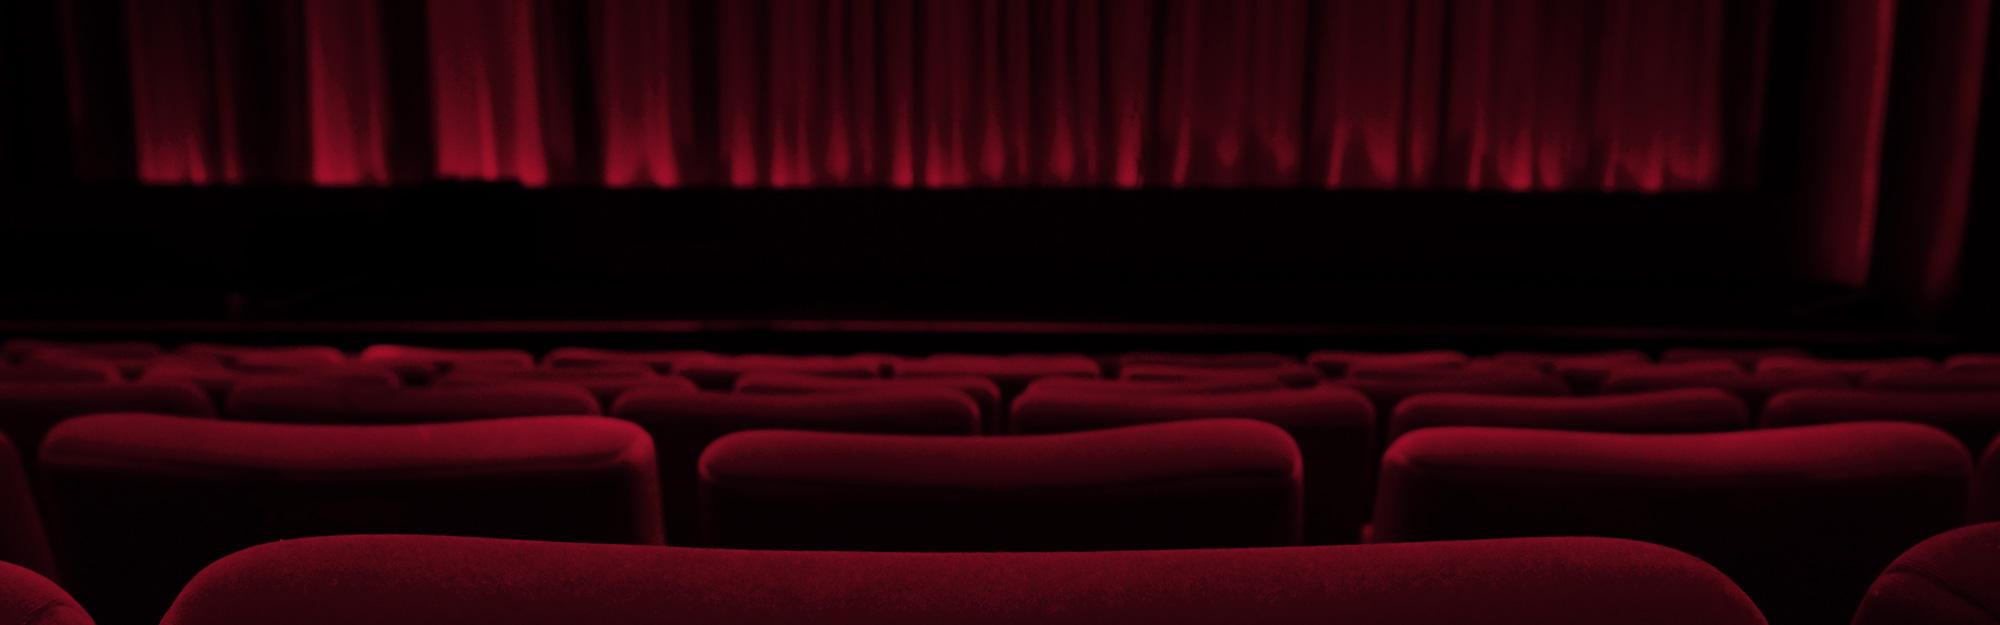 CineTag.me: il Nearable entra nei cinema e negli smartphone degli spettatori